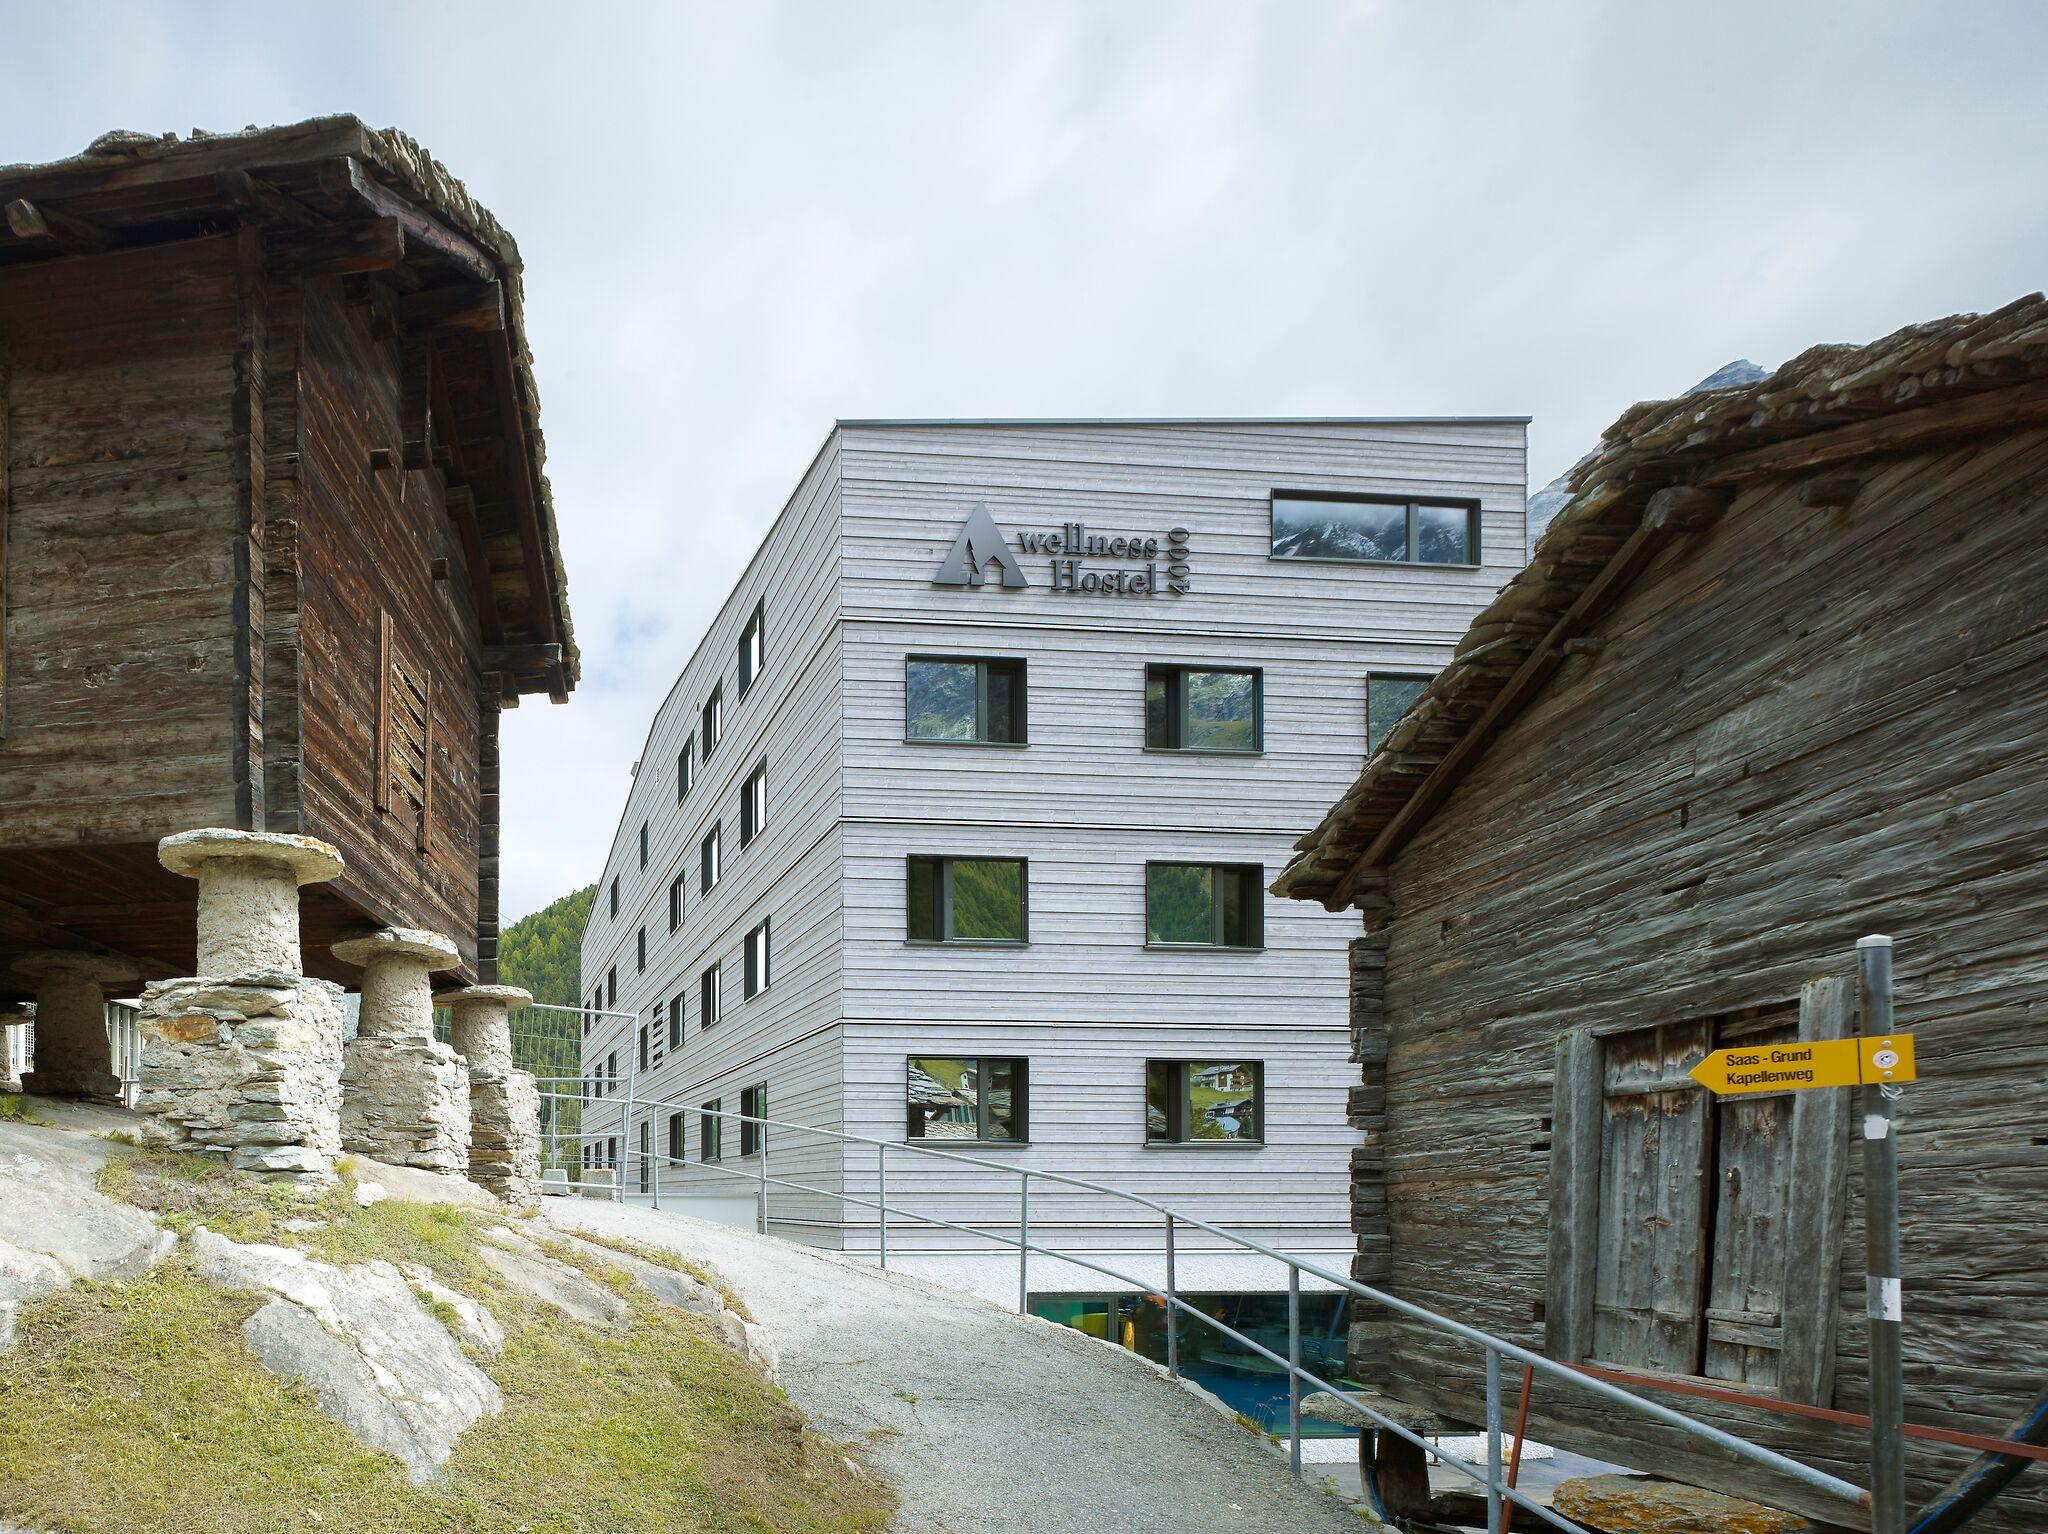 Außenansicht des wellnessHostel4000 , Foto: primcom Schweiz